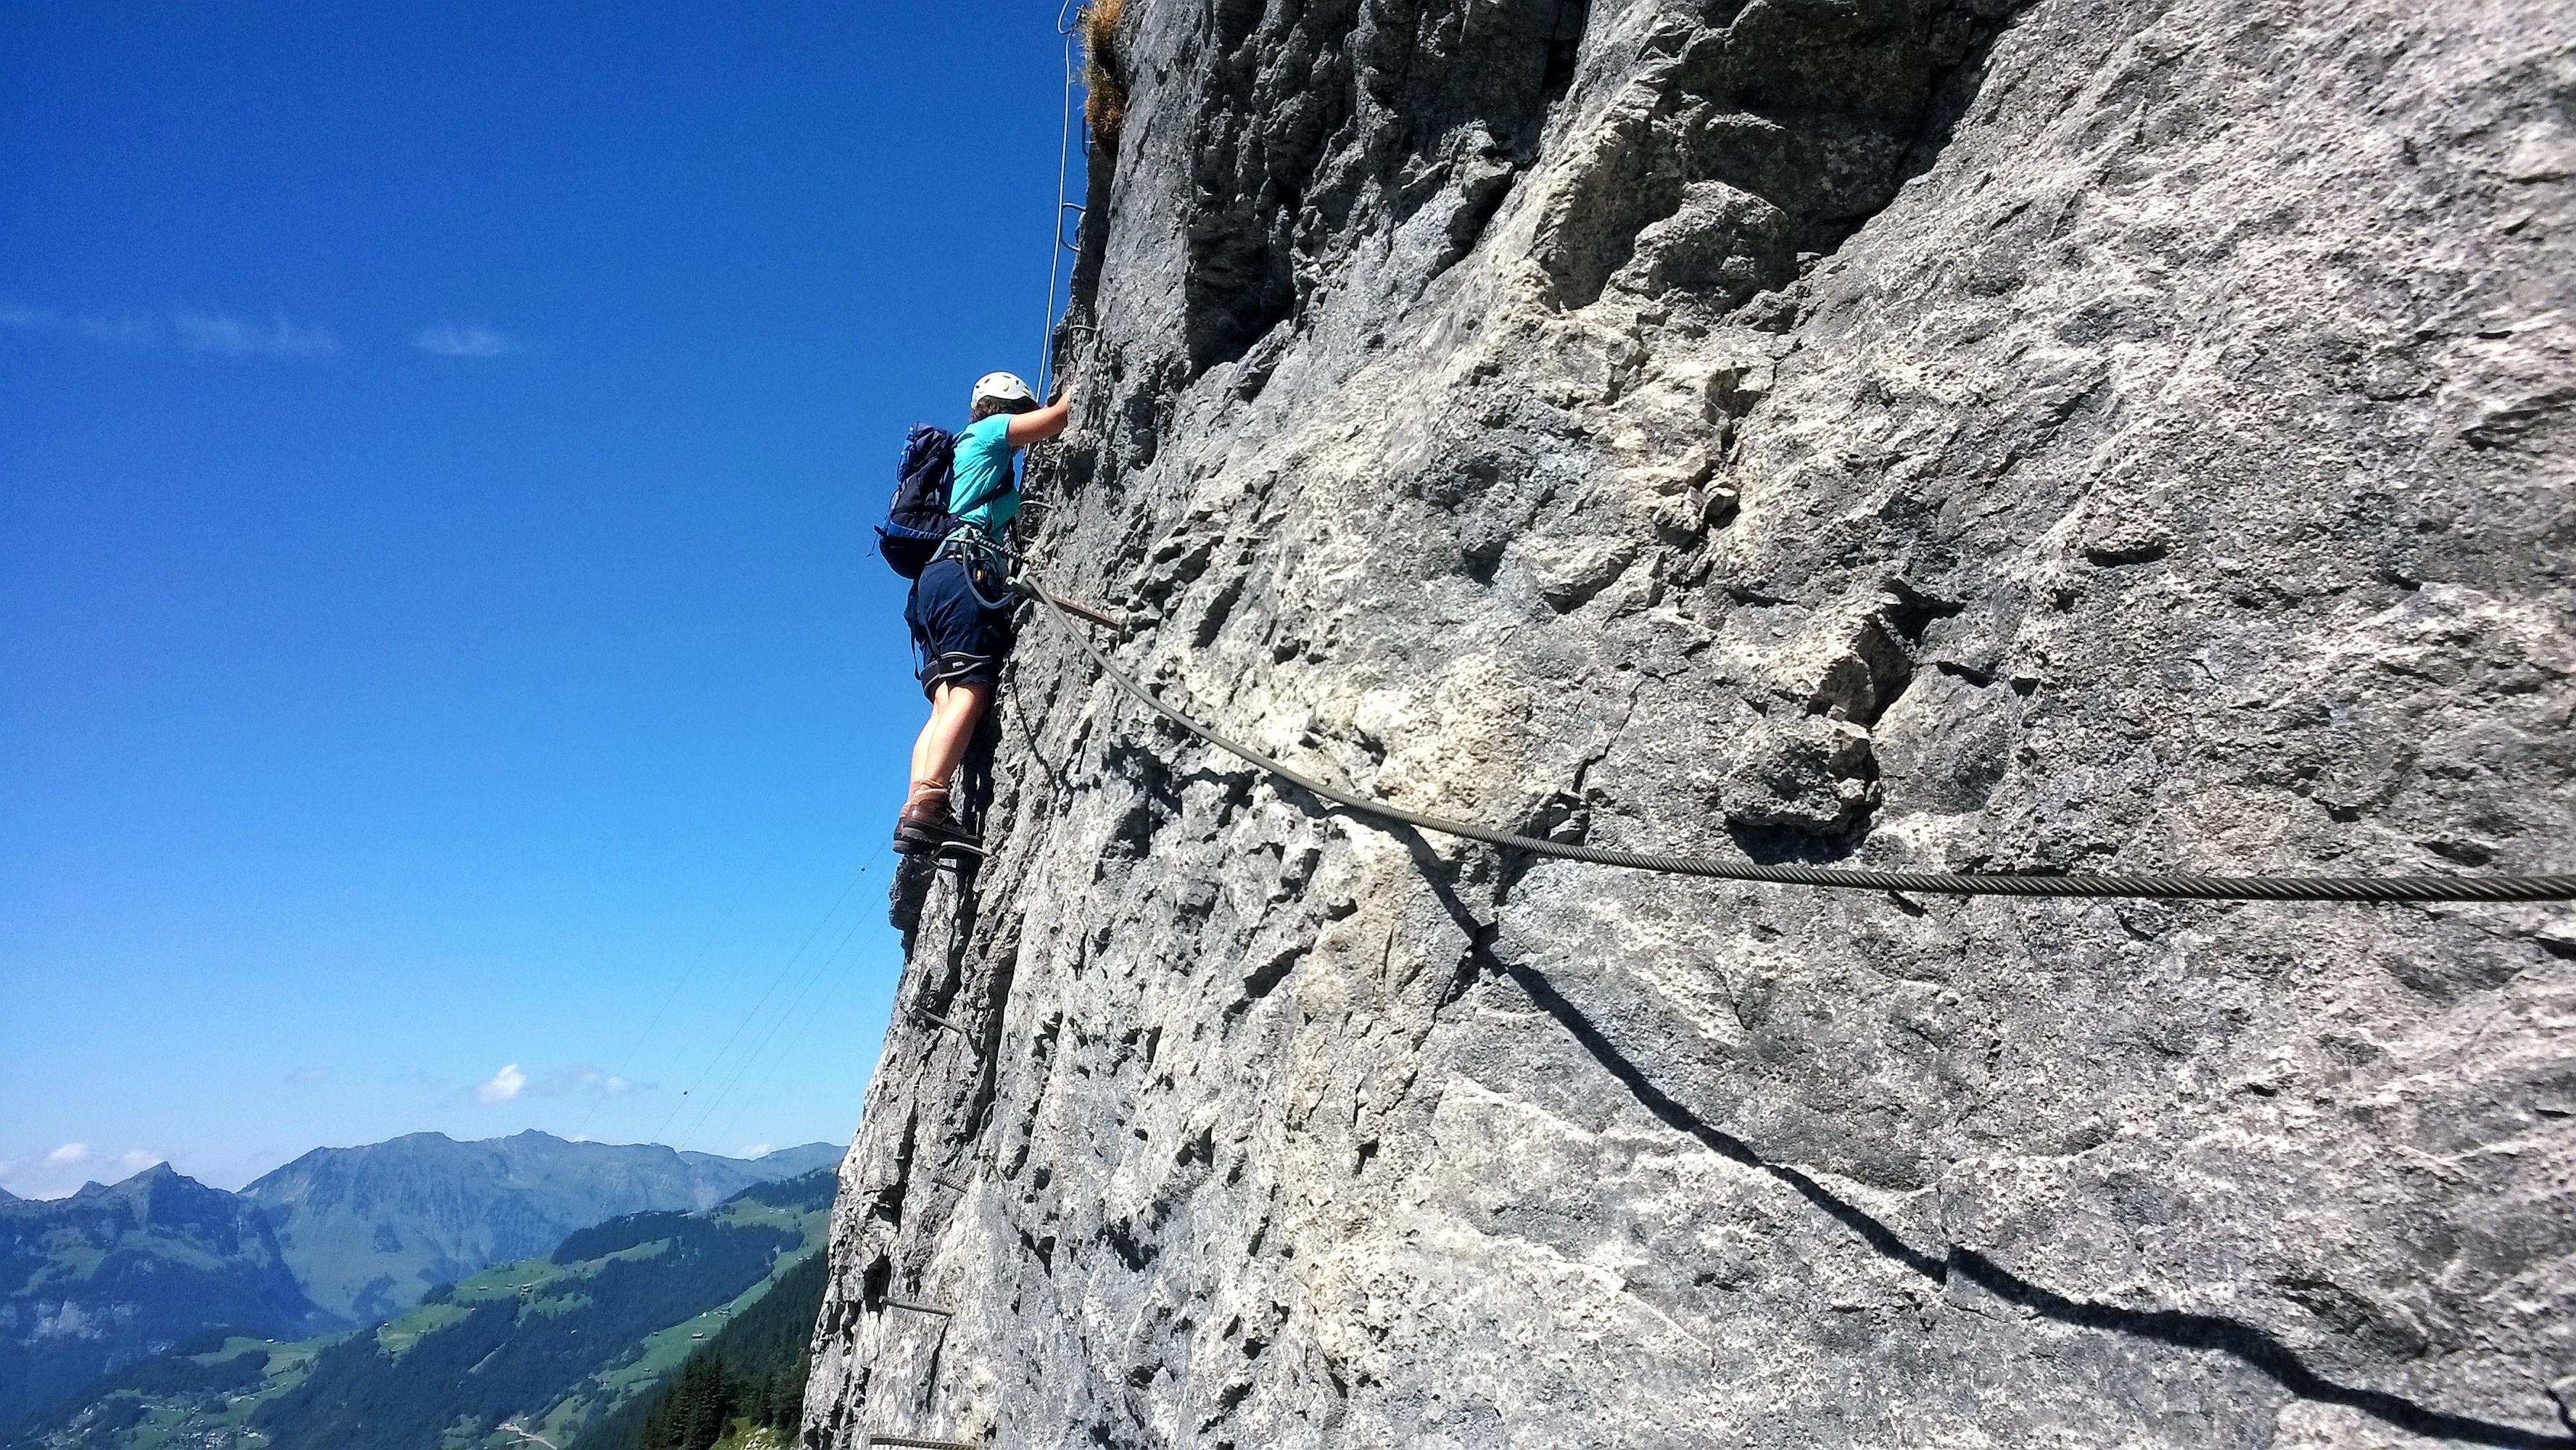 Klettersteig Fürenalp : Der fürenwand klettersteig c d : ein heißer ritt auf steilem fels